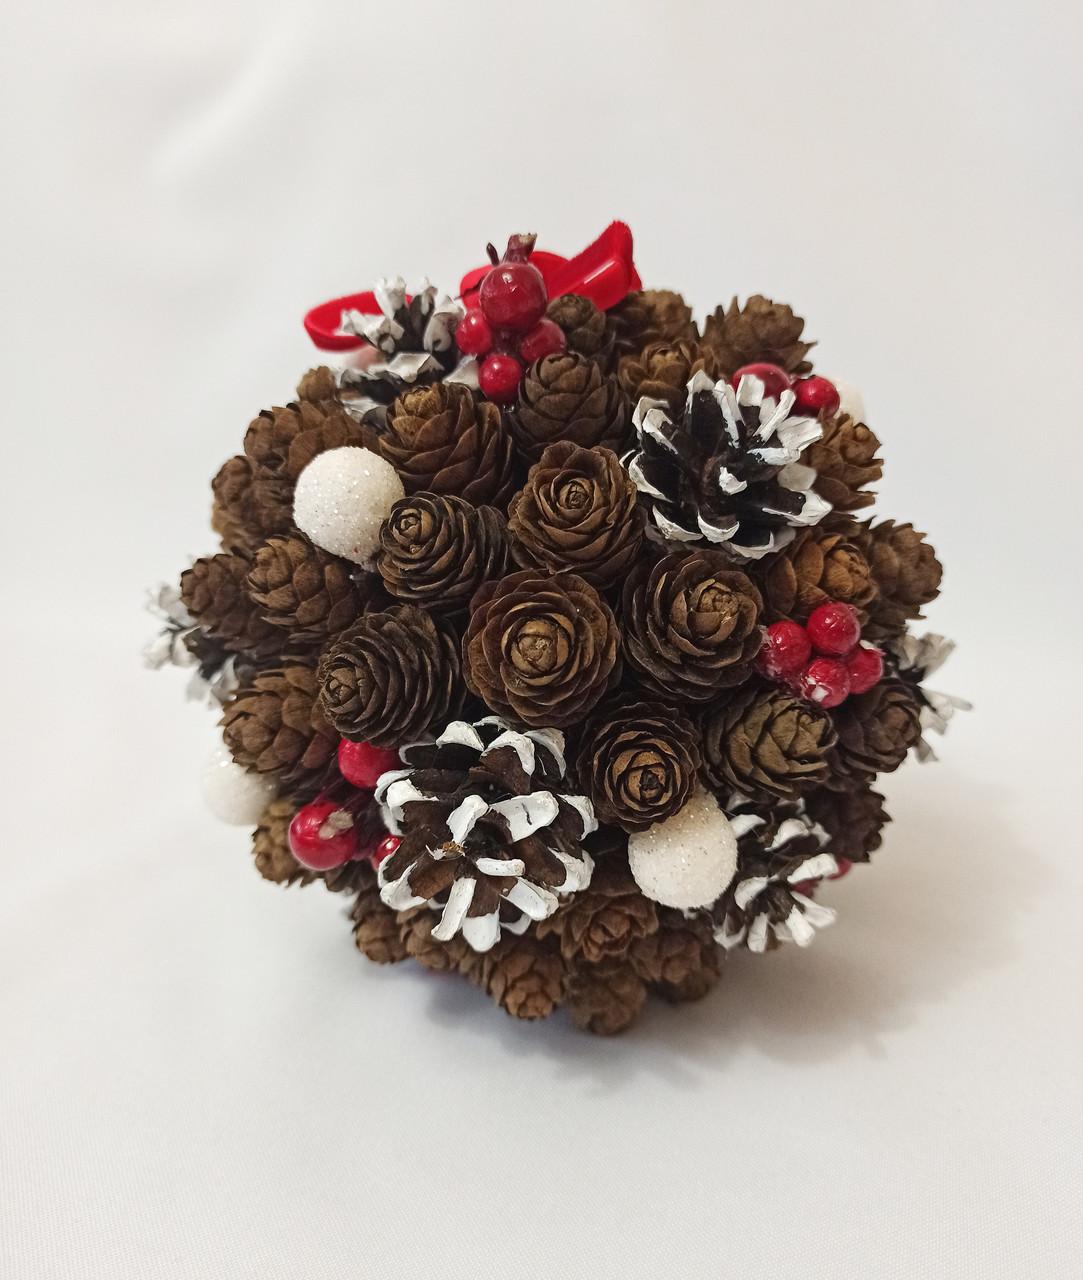 Рождественский  шар из натуральных шишек, новогодний декор красные ягоды